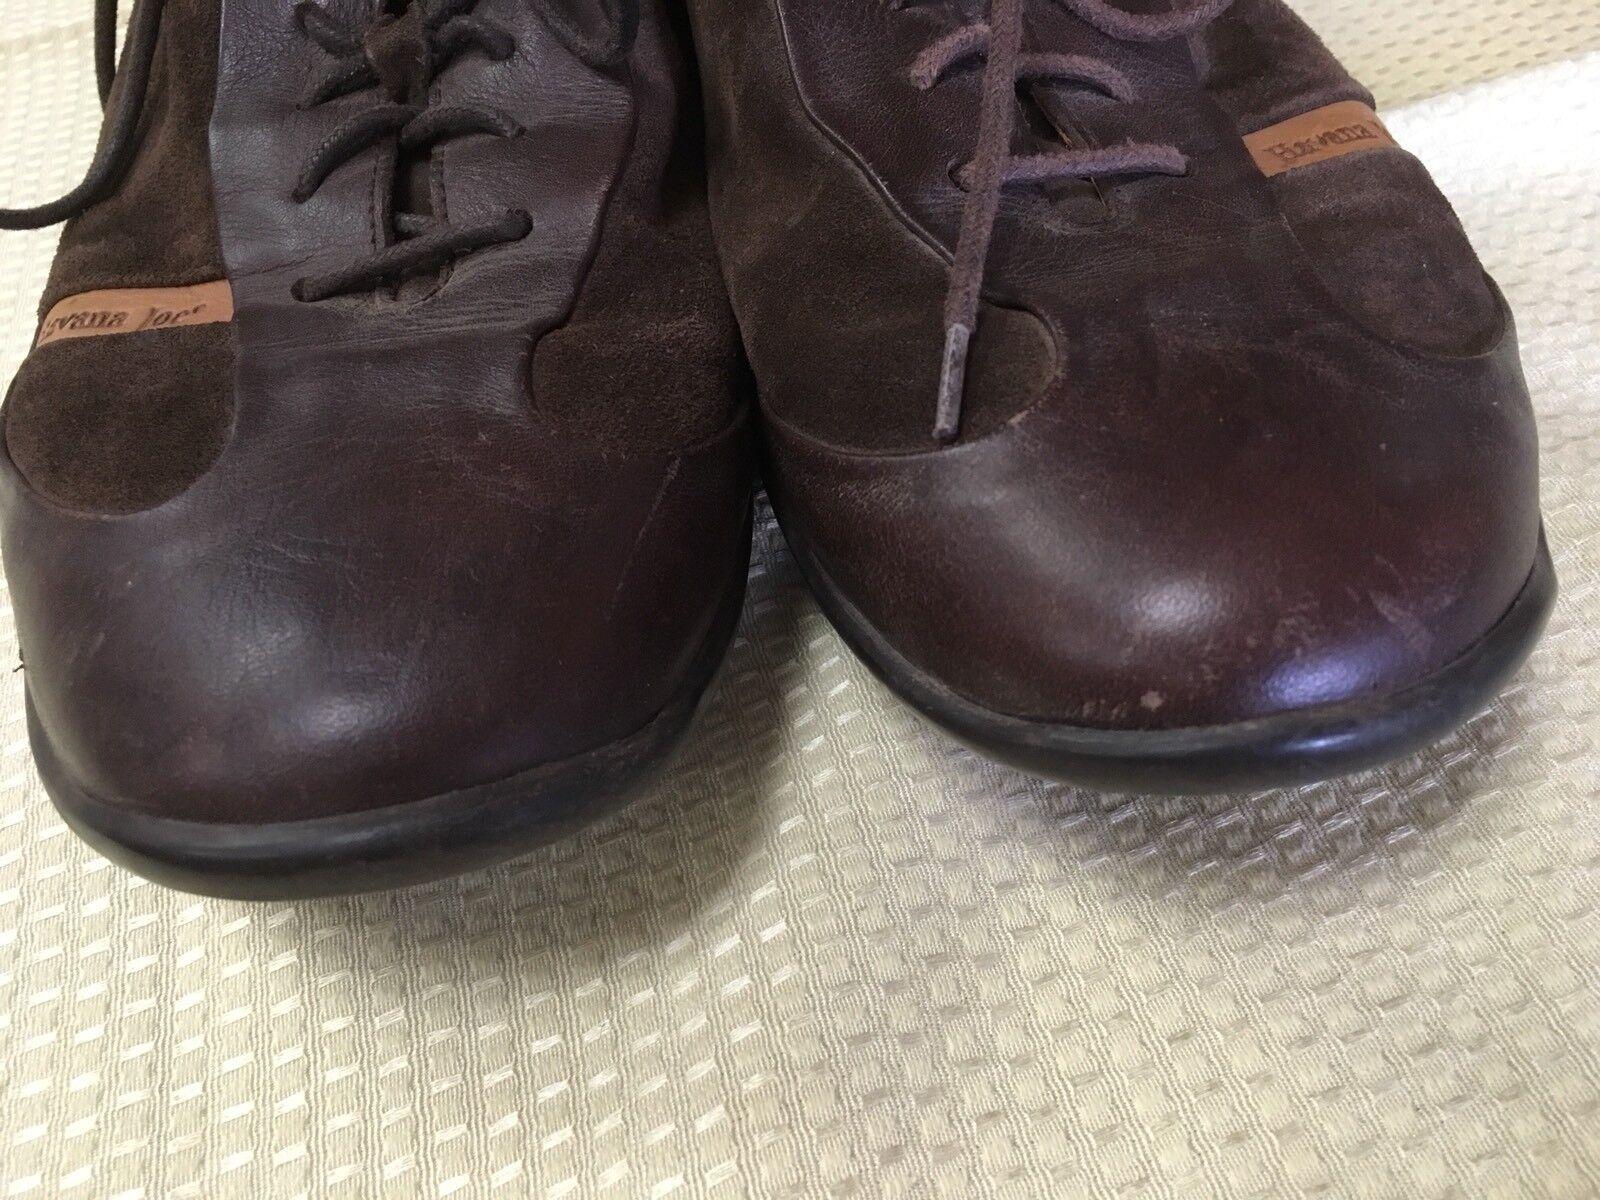 Havana Joe Leder and Suede Schuhes EUR Größe 43 Größe DH 05 (US Größe 43 9 1/2 - 10) 29e2ac